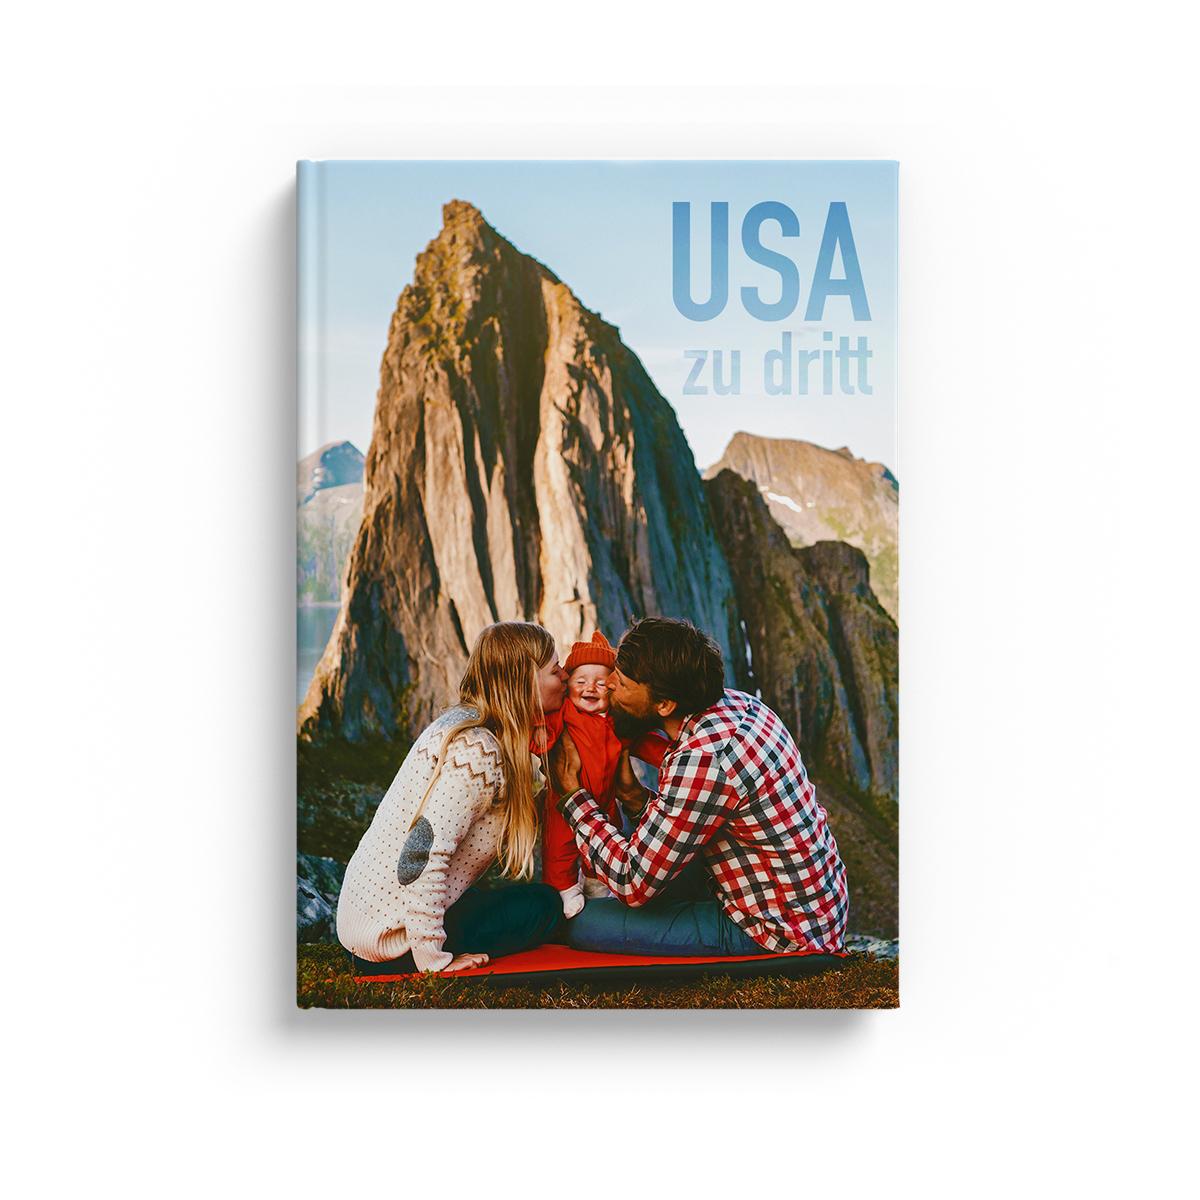 ALDI Fotos - Acrylglasdruck, bedruckte Leinwände, Wandkalender, Fotobücher reduziert - Ein Produkt pro Person